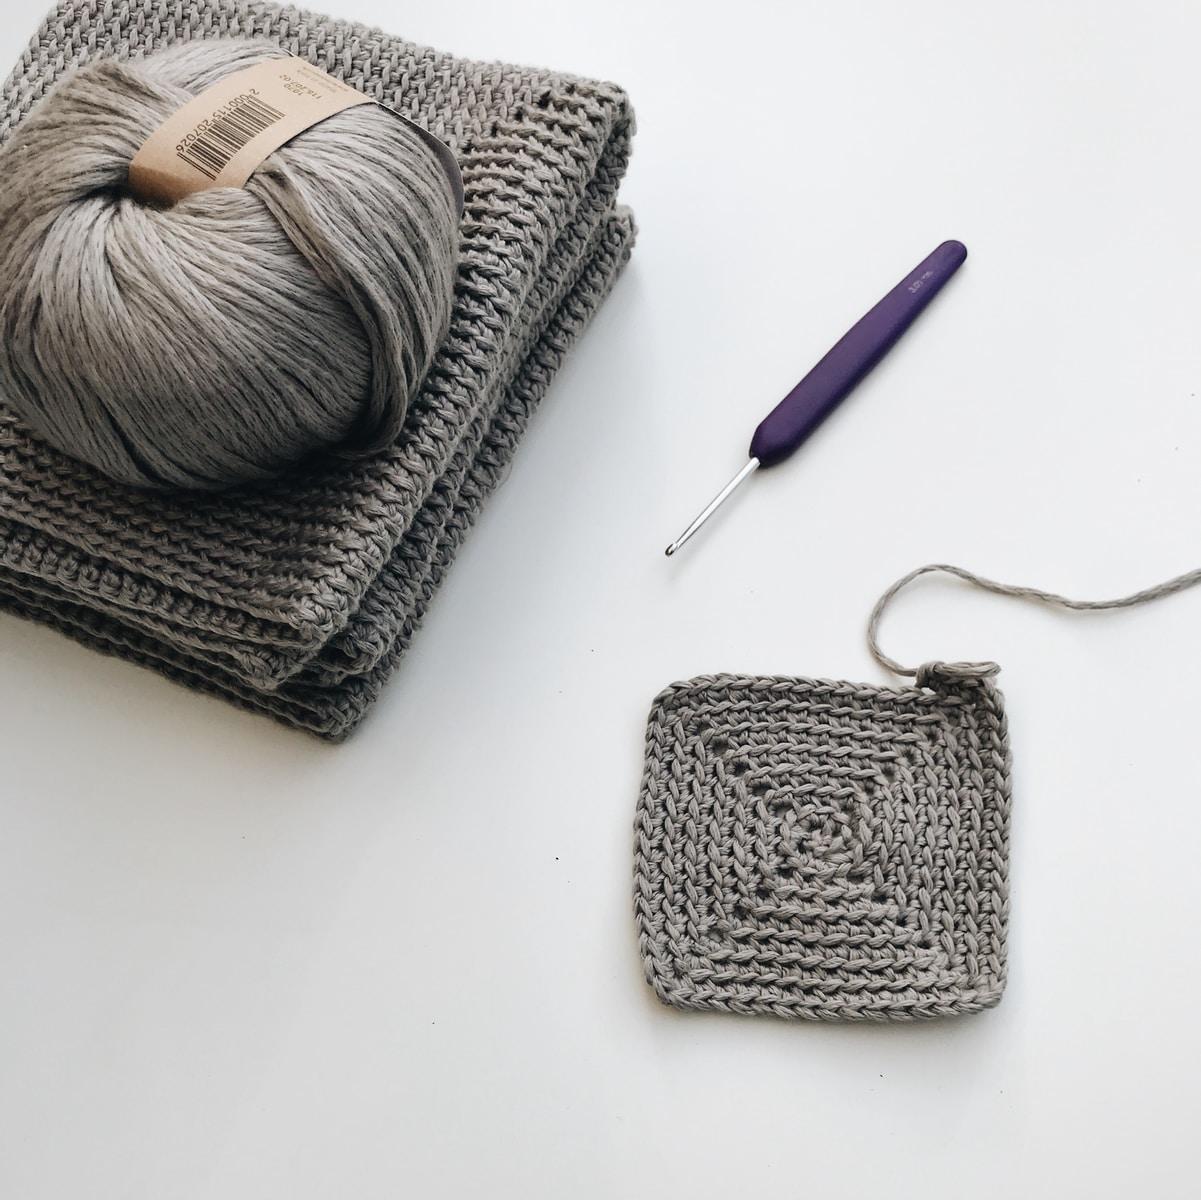 blue pen beside gray yarn